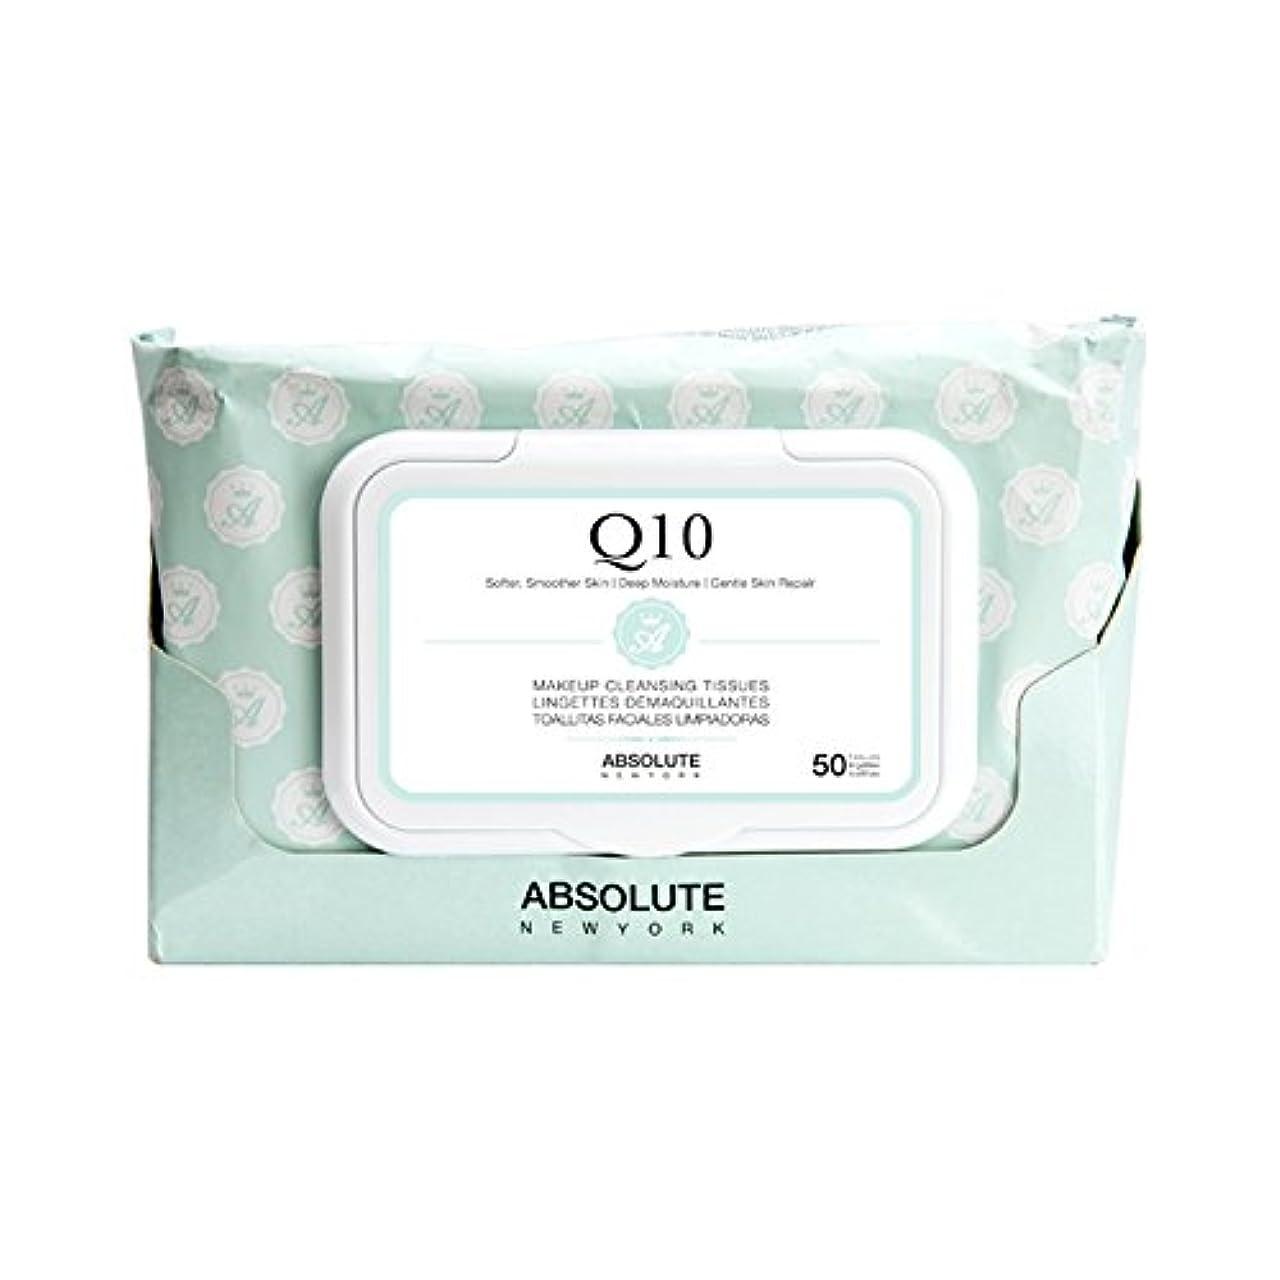 口述する重なる現代(6 Pack) ABSOLUTE Makeup Cleansing Tissue 50CT - Q10 (並行輸入品)